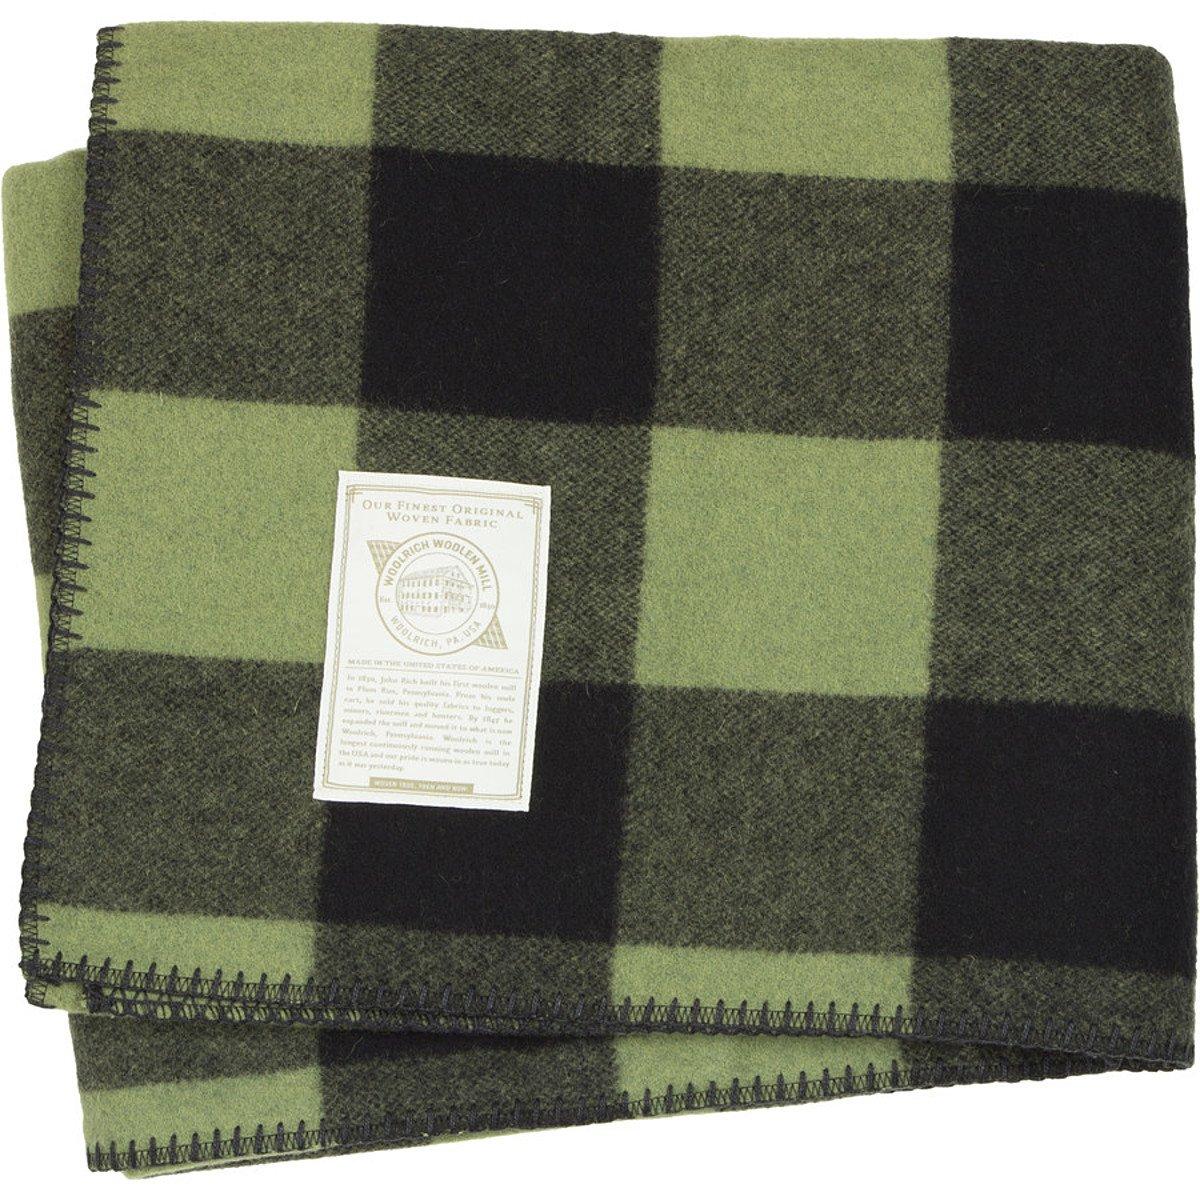 amazoncom woolrich home  rough rider blanket red  - amazoncom woolrich home  rough rider blanket red woolrich home kitchen